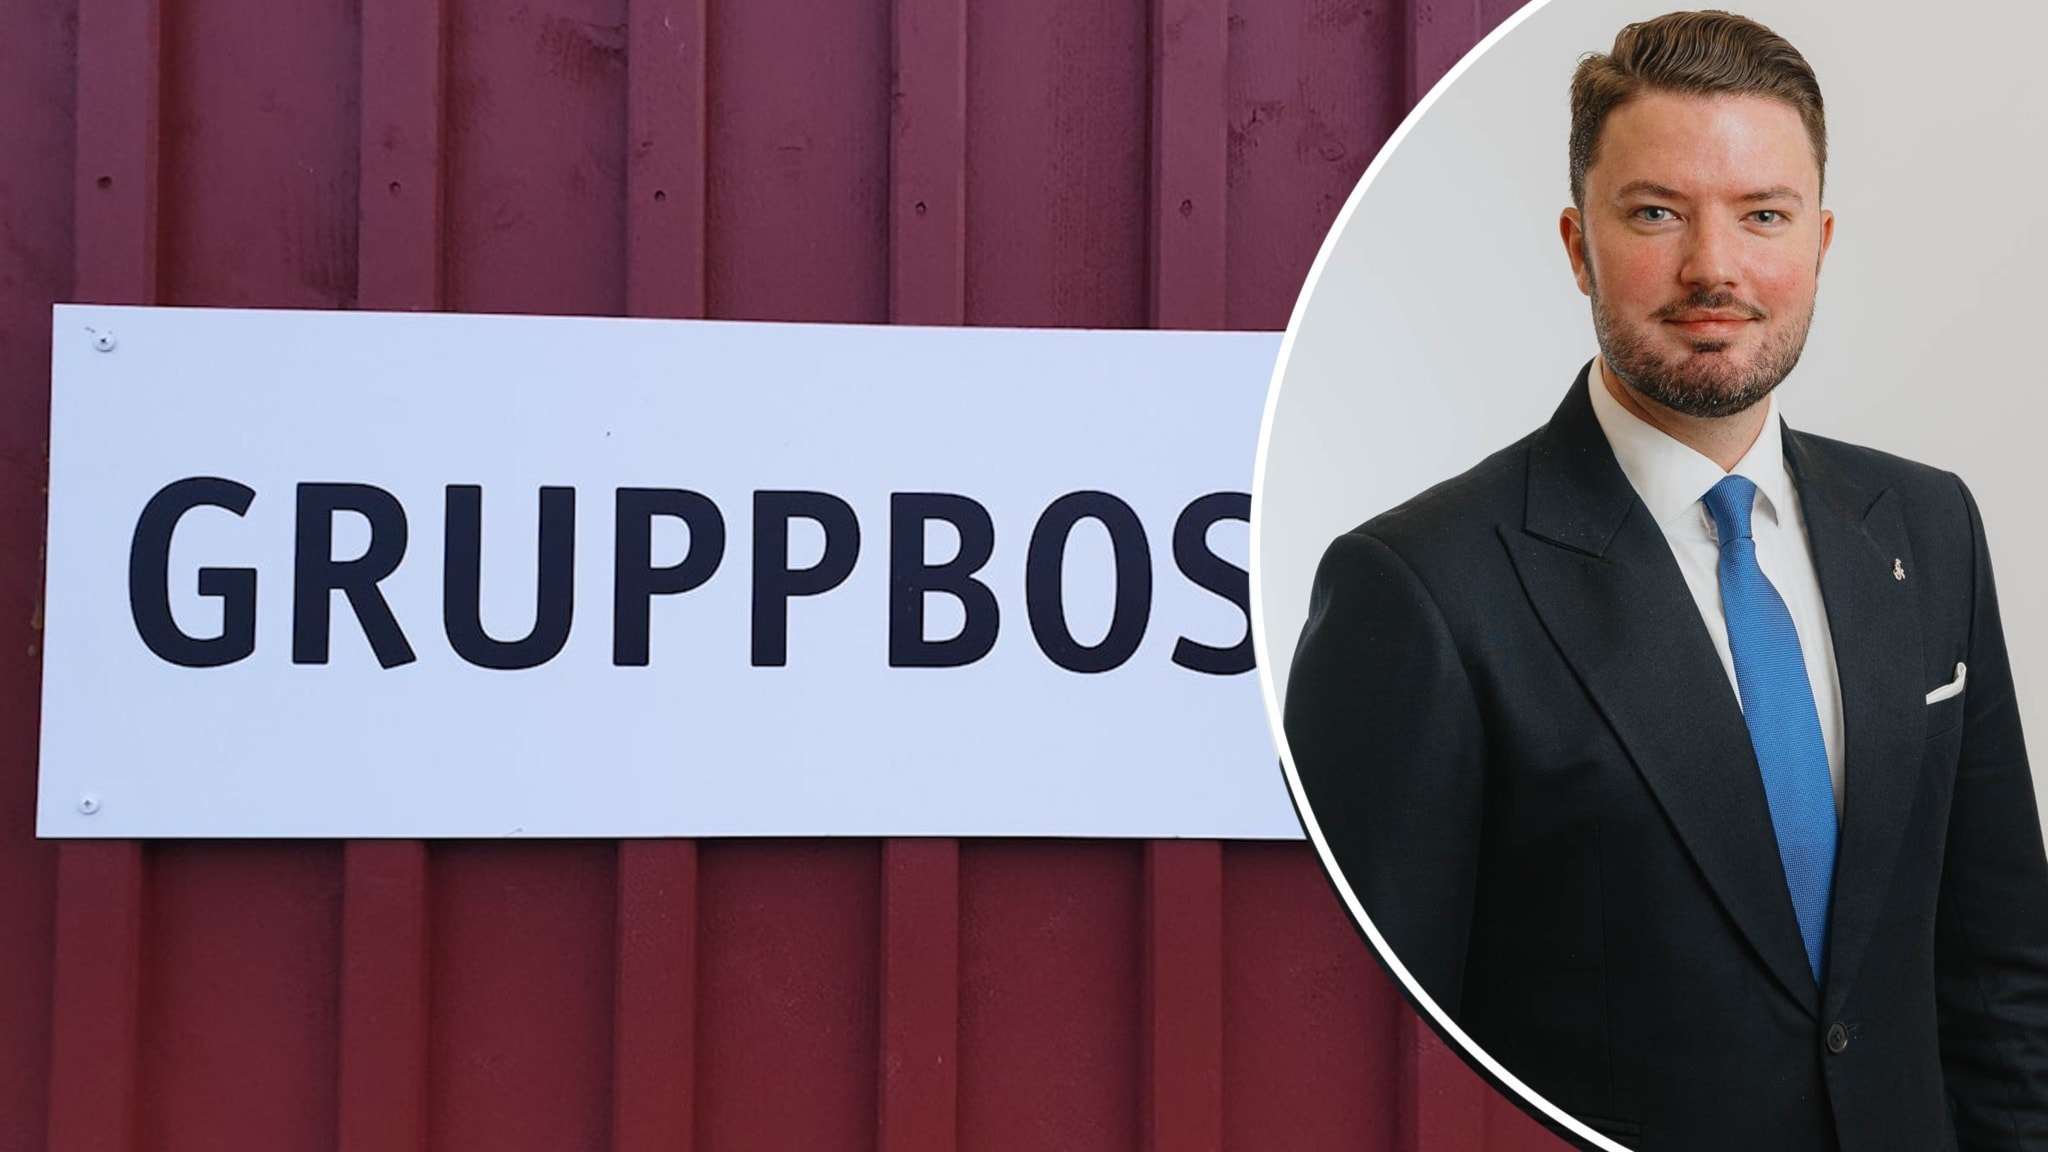 """Skylt med texten """"Gruppbostad"""" på en röd husvägg. Infälld bild på politikern Roko Kursar."""